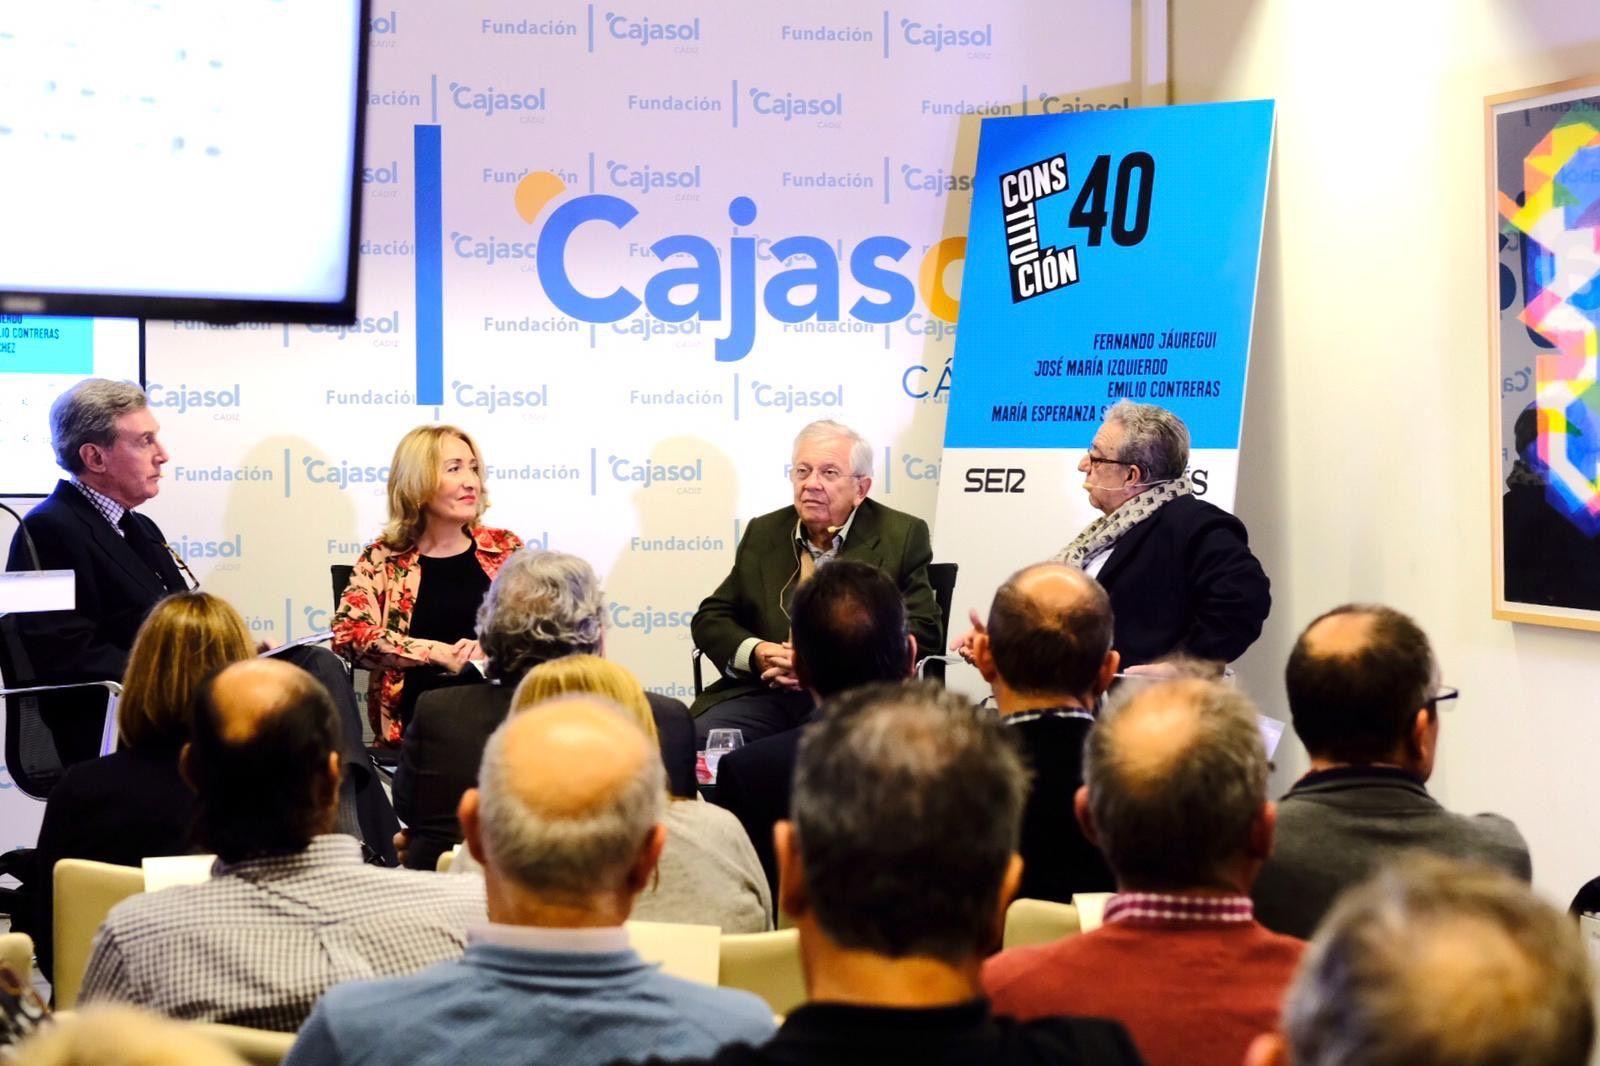 Fundacion Cajasol 40 años Constitucion